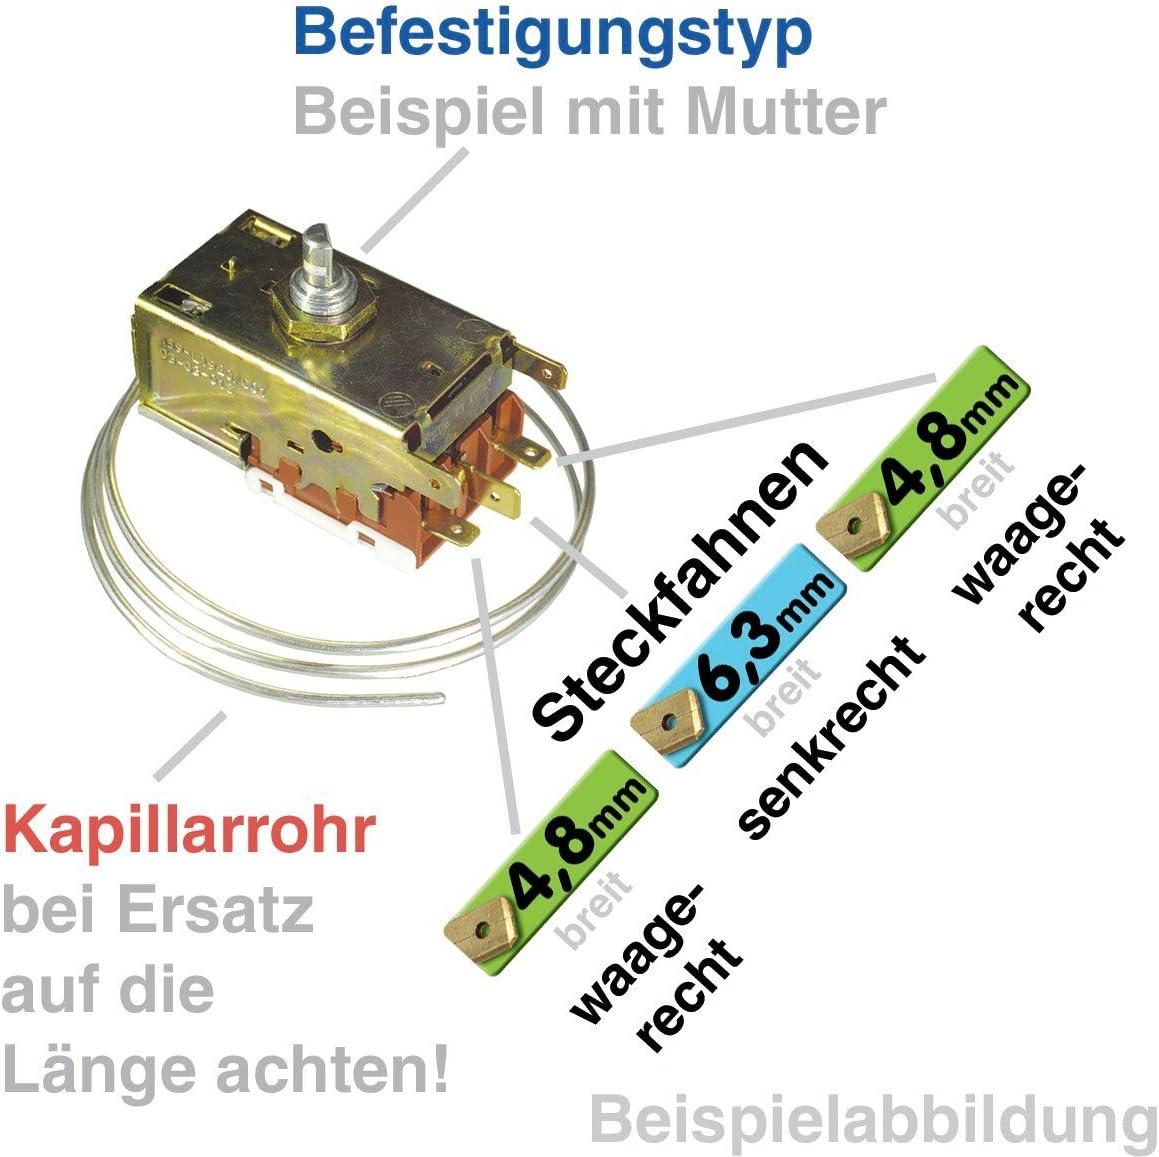 Thermostat K57-L5537 Ranco 900mm Kapillarrohr 3x4,8mm AMP